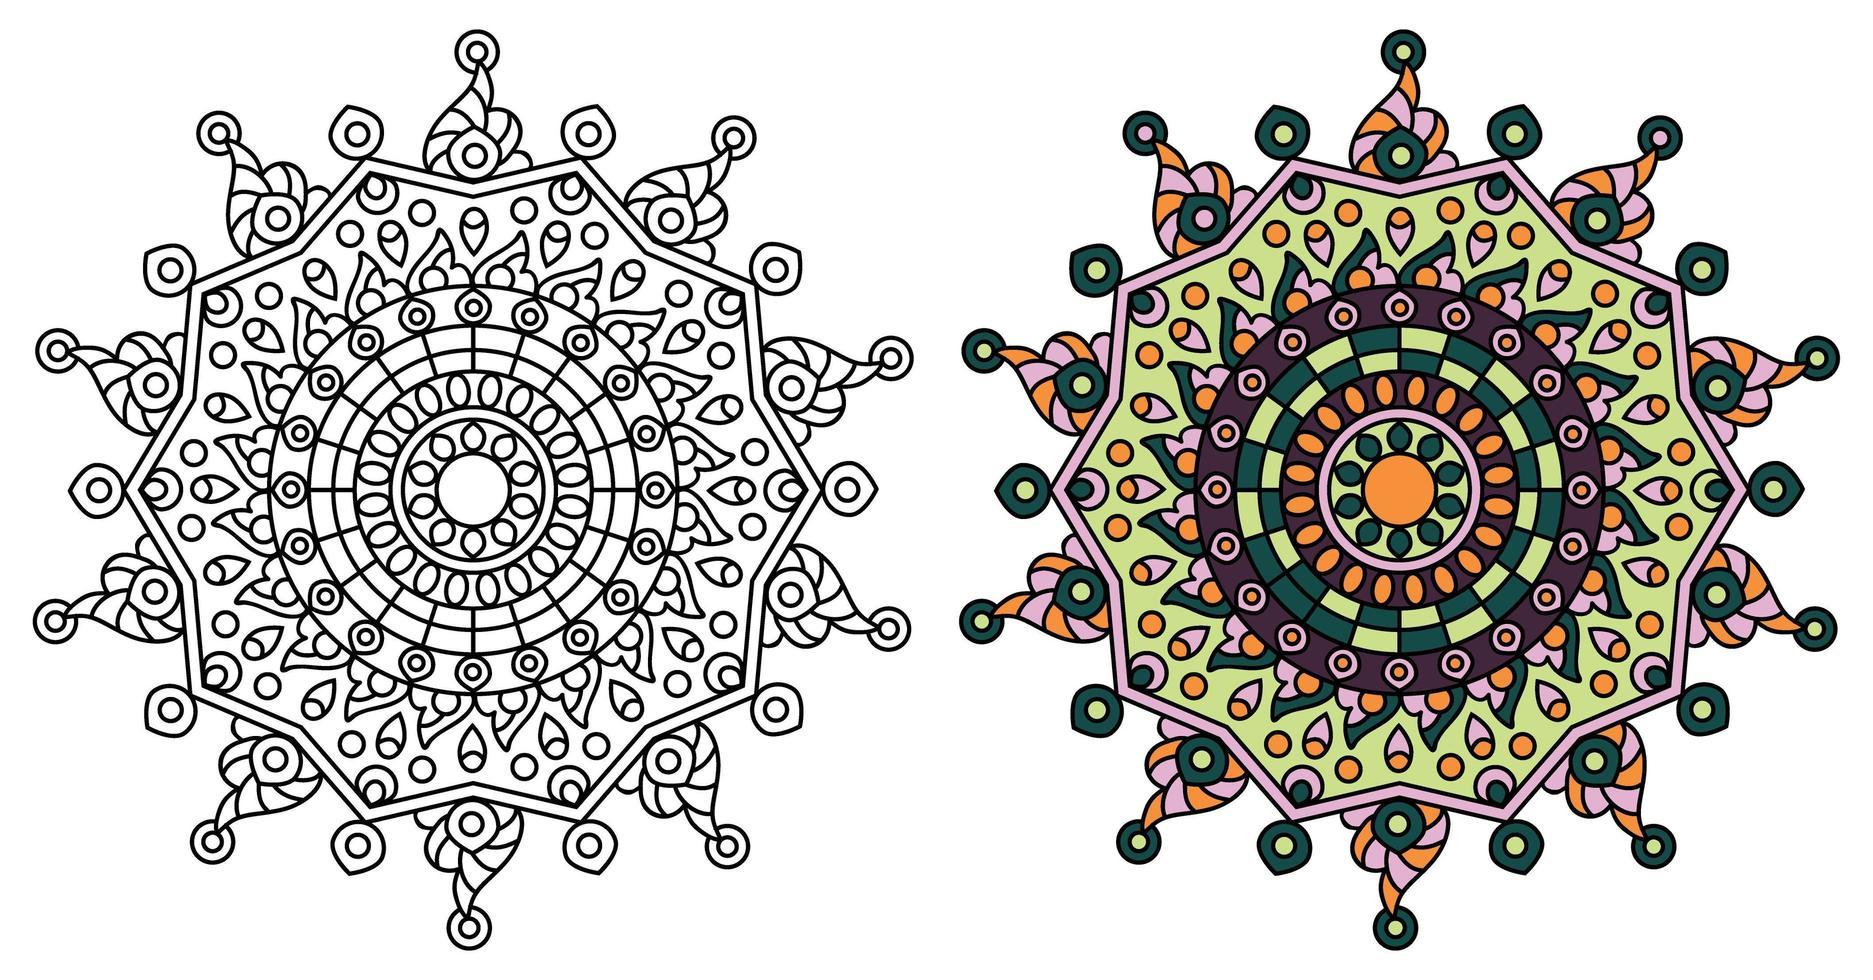 afgeronde ster mandala kleurplaat ontwerpsjabloon vector